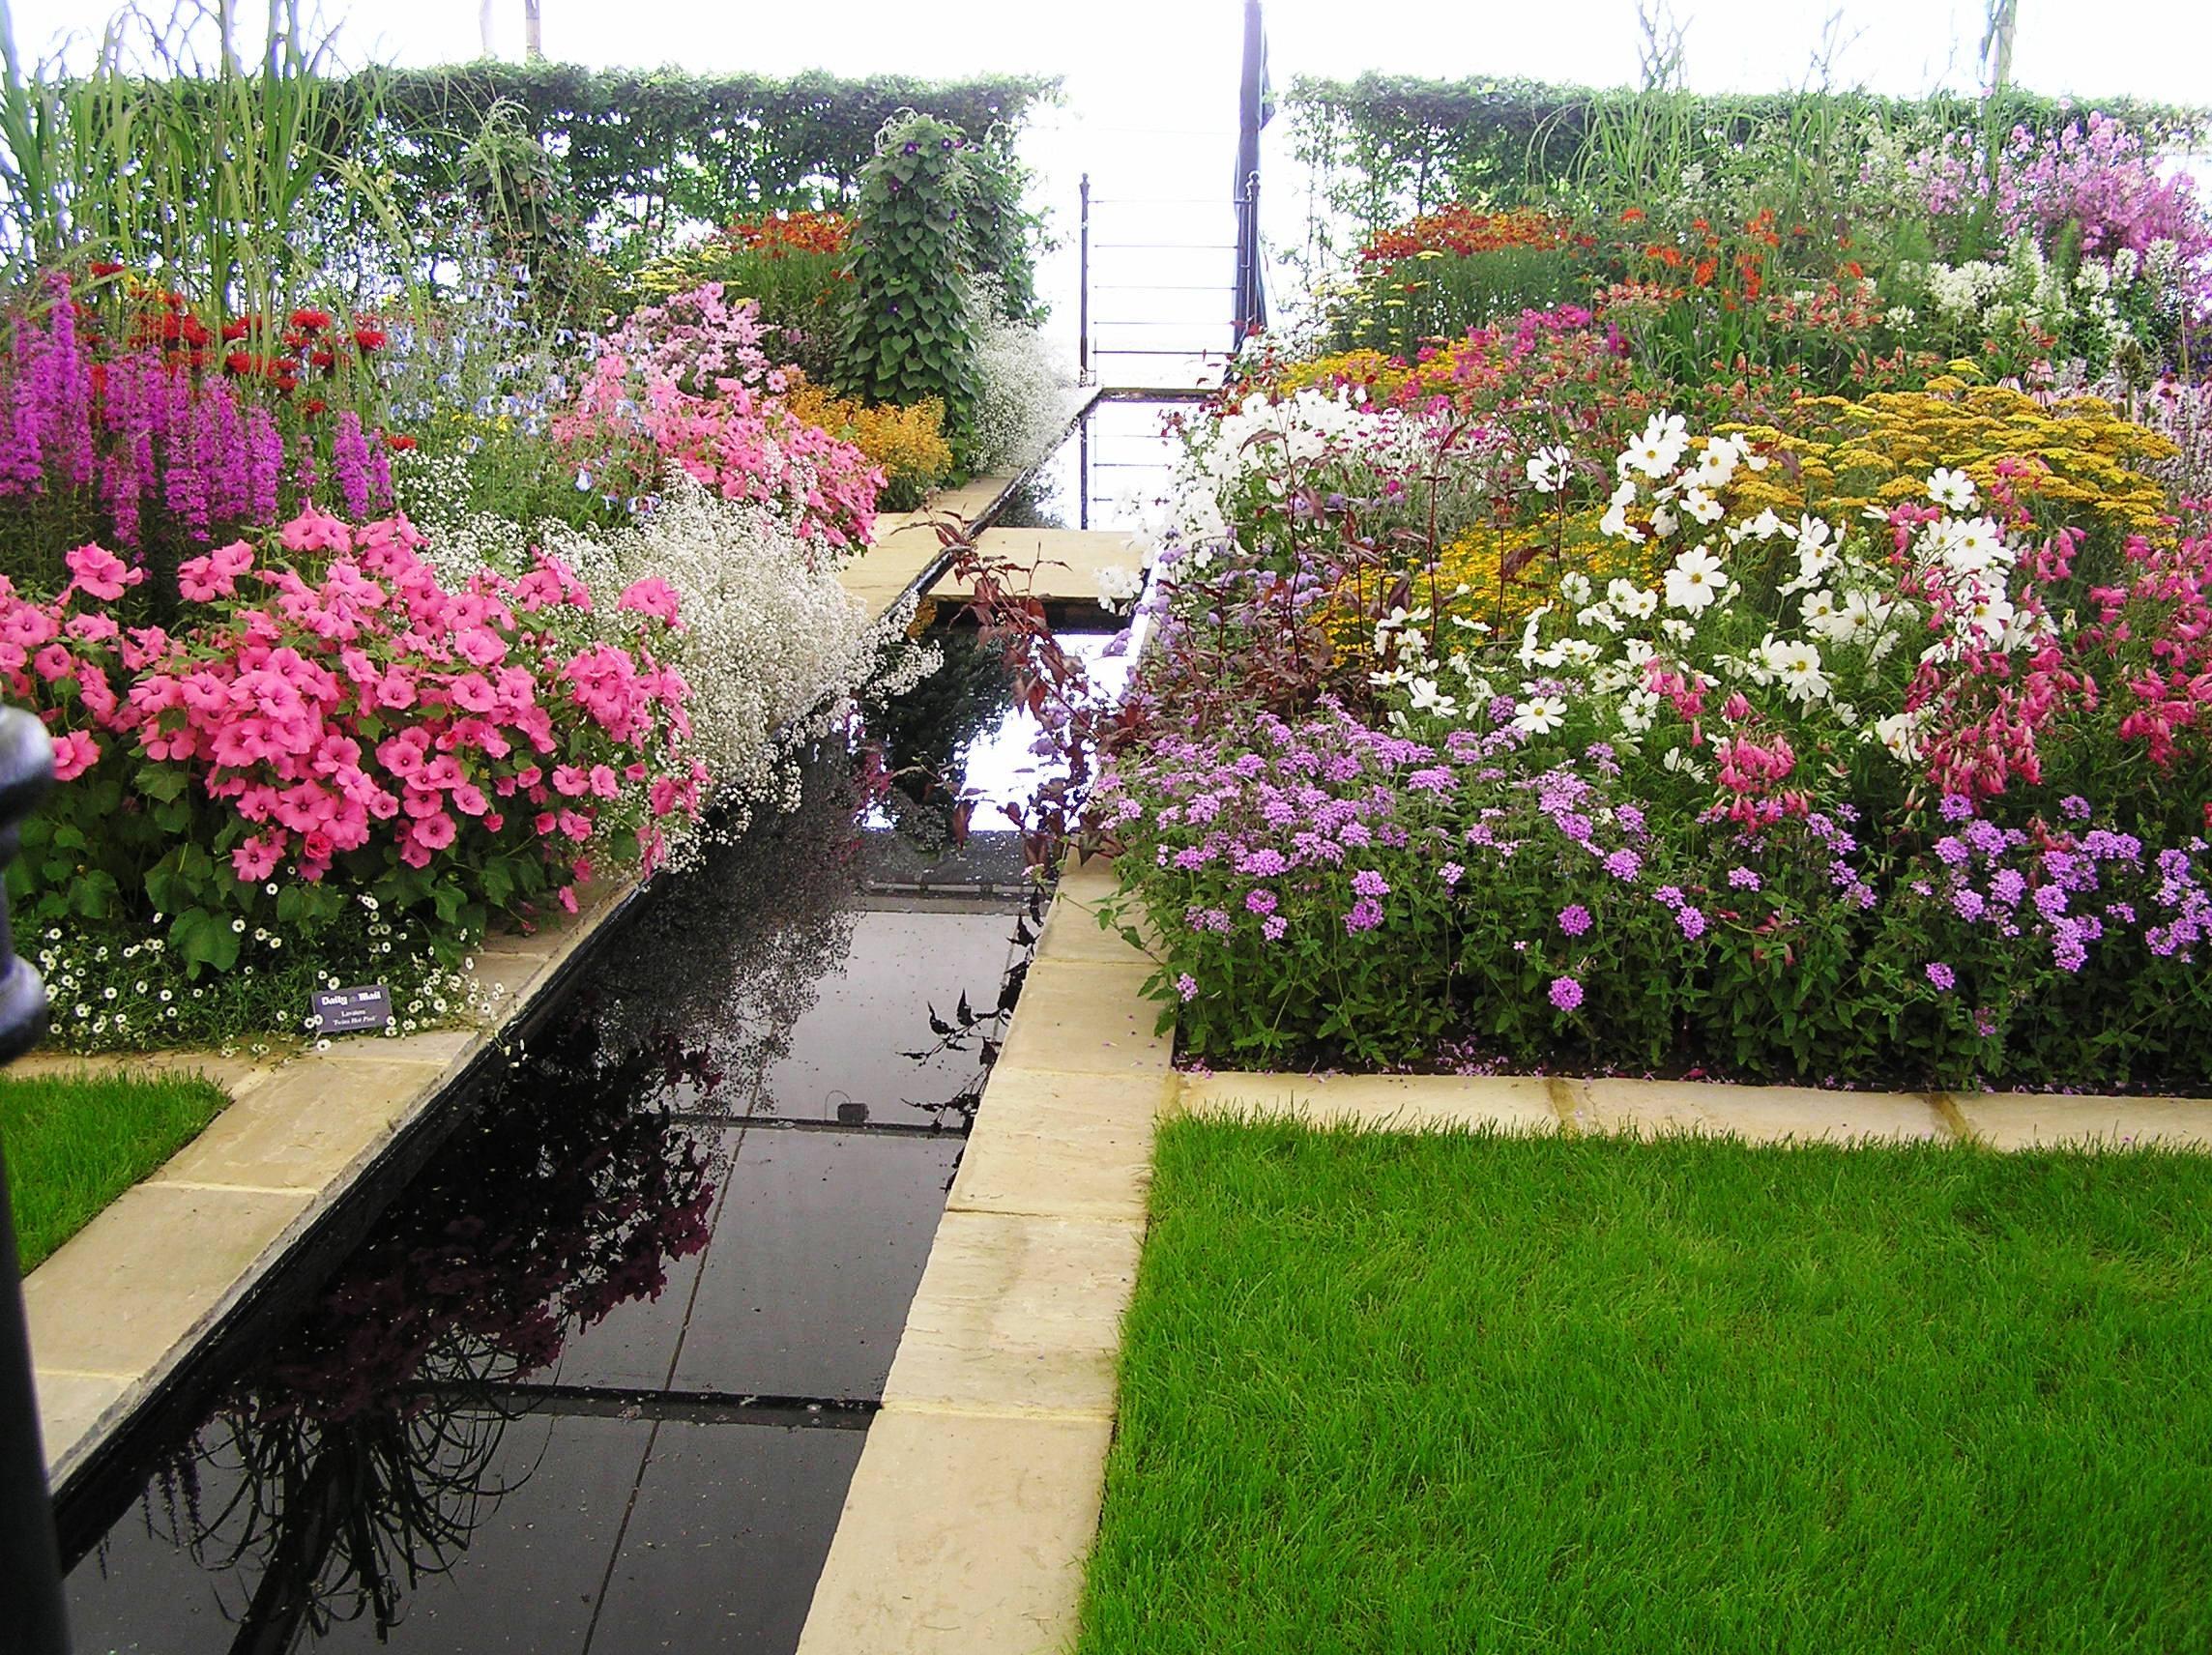 Формальный пруд - прекрасный вариант для небольшого участка,так как имеет четкие линии и может обходиться без прибрежных растений.Простая и аккуратная форма такого водоема легко совмещается с любым стилем сада.